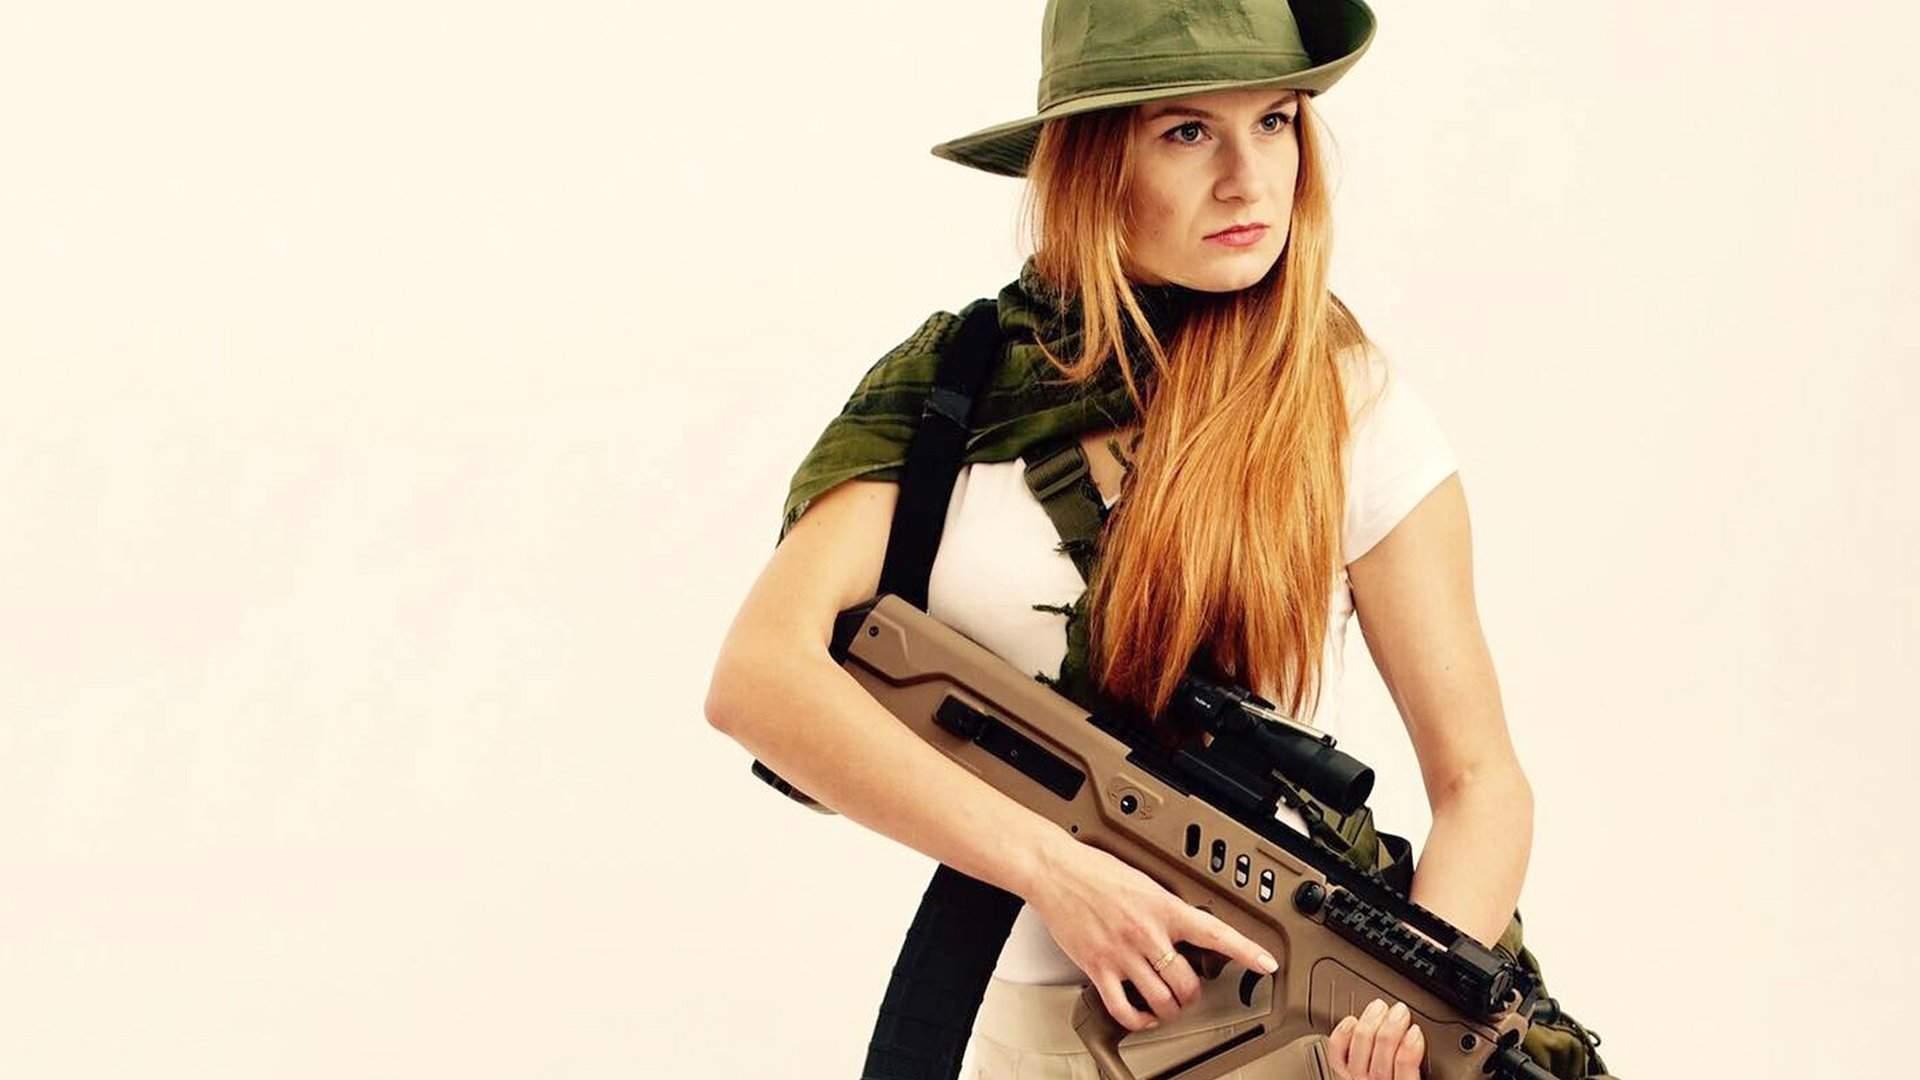 Стала известна внешность россиянки Марии Бутовой, задержанной вСША зашпионаж